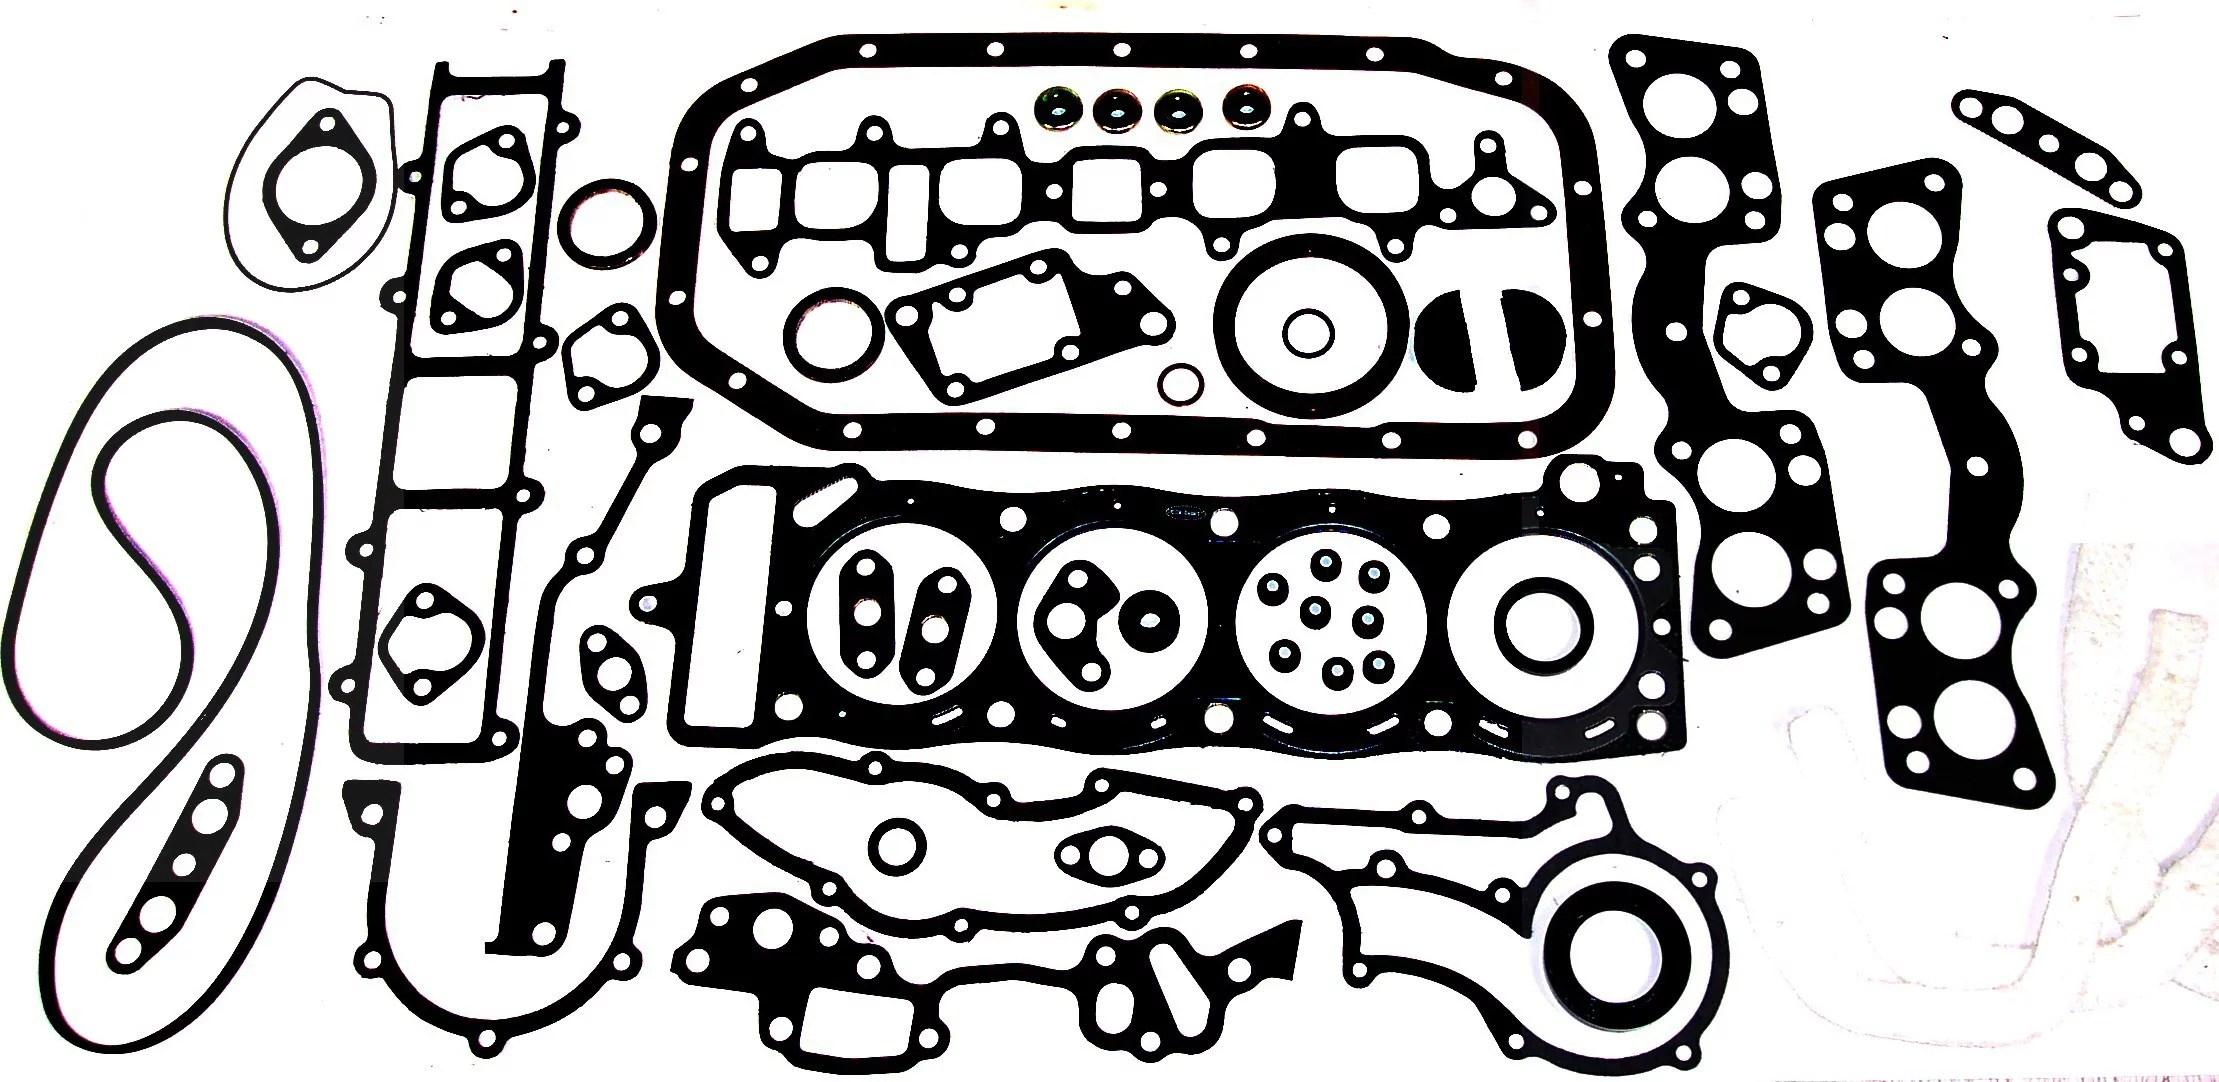 Dnj Fgs Full Gasket Sealing Set For 81 82 Toyota